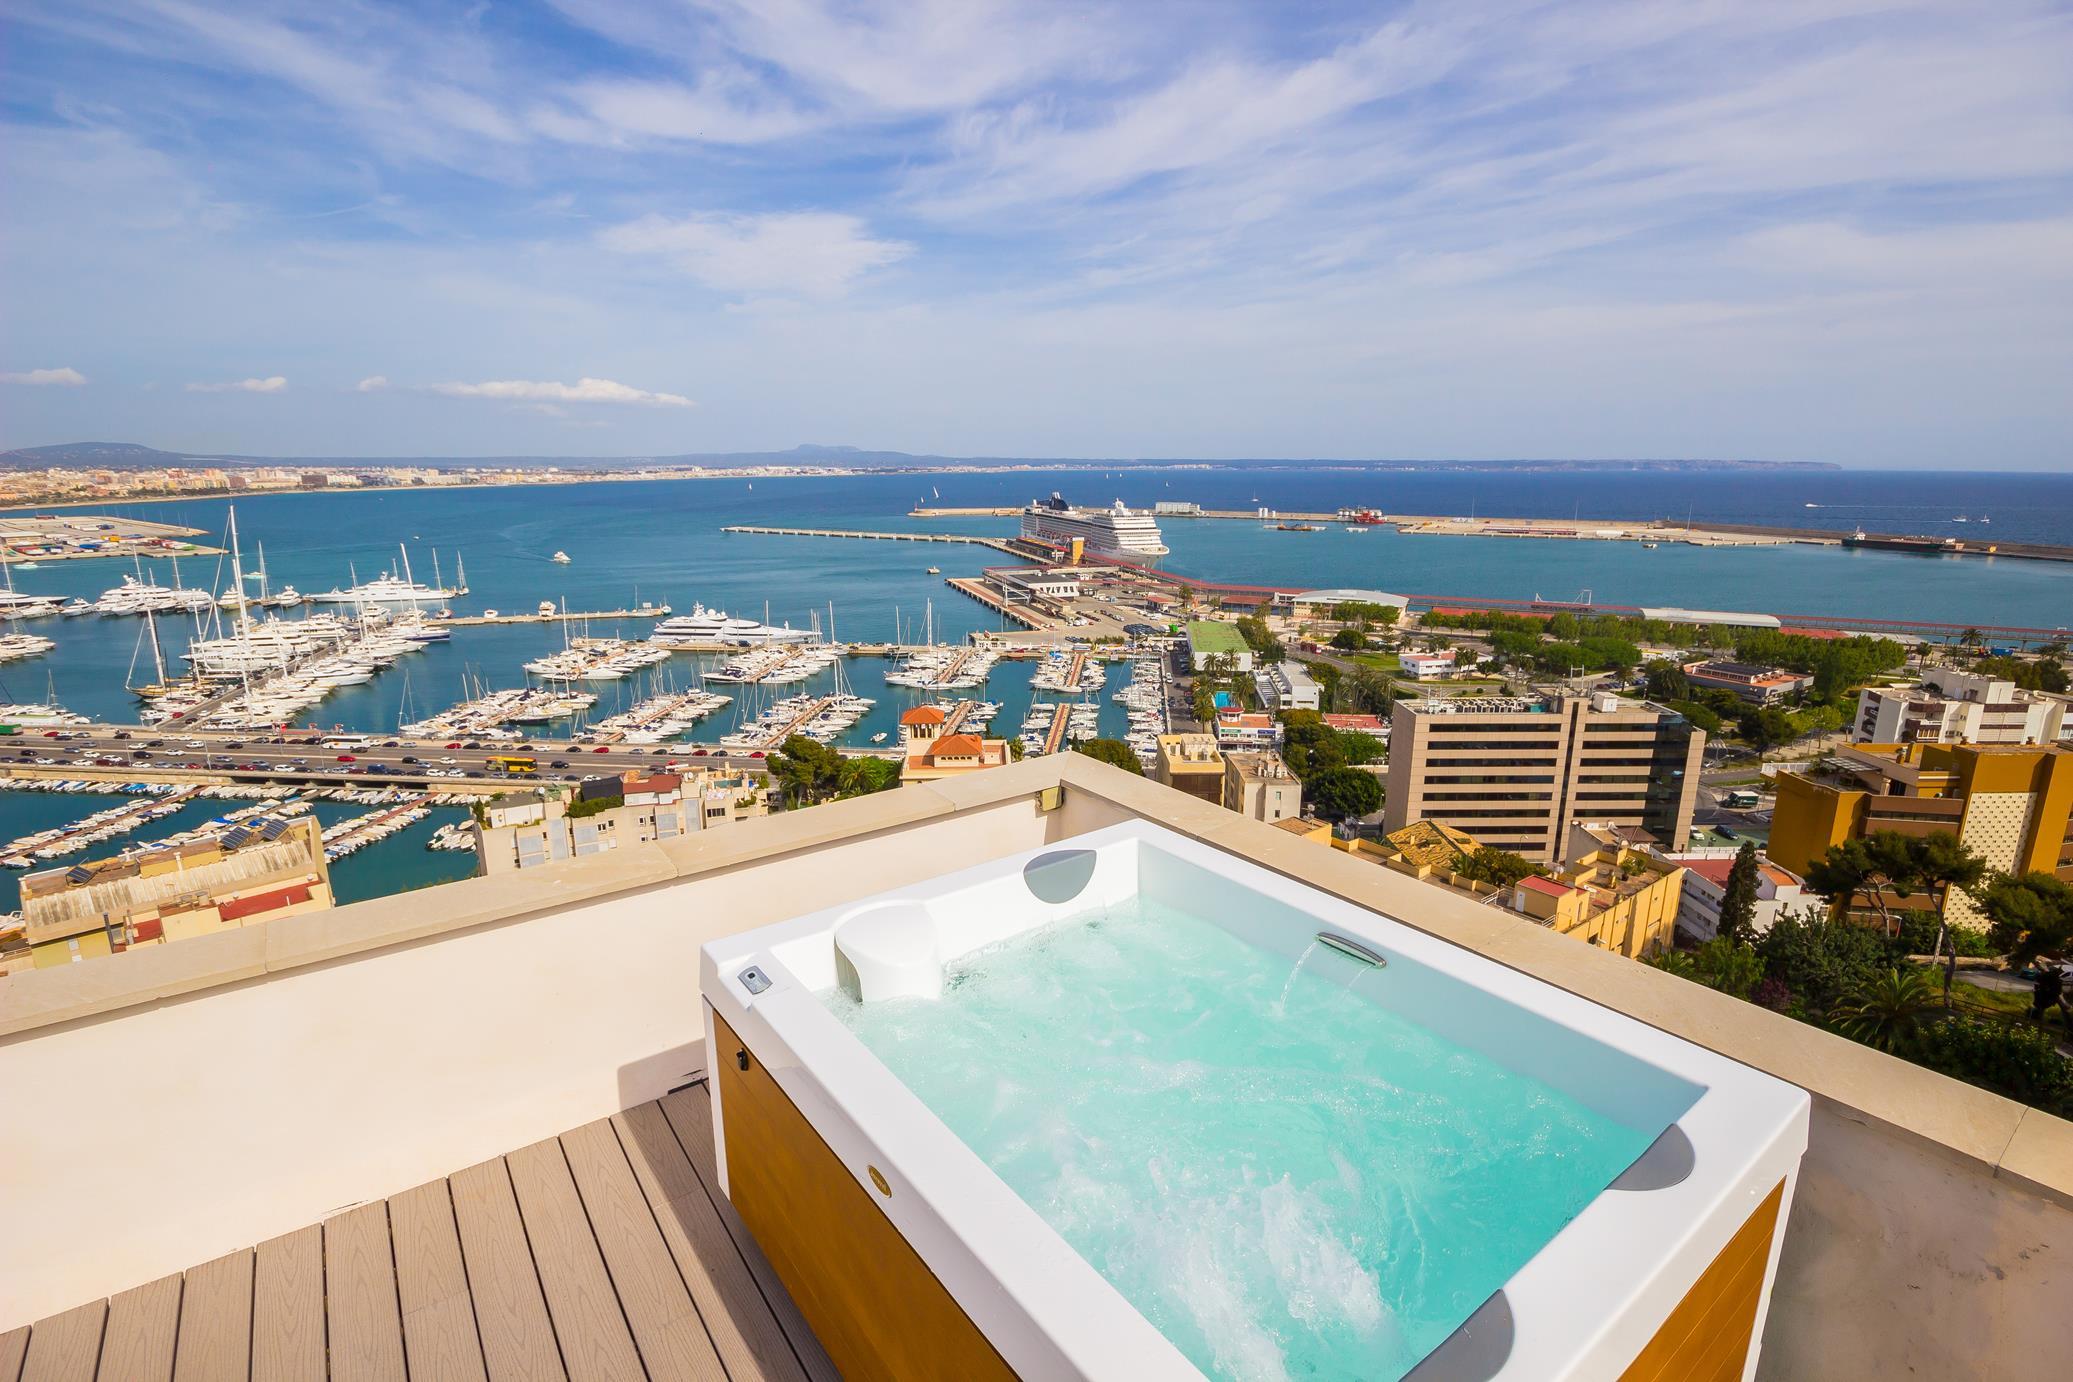 Hotel Amic Miraflores Mallorca